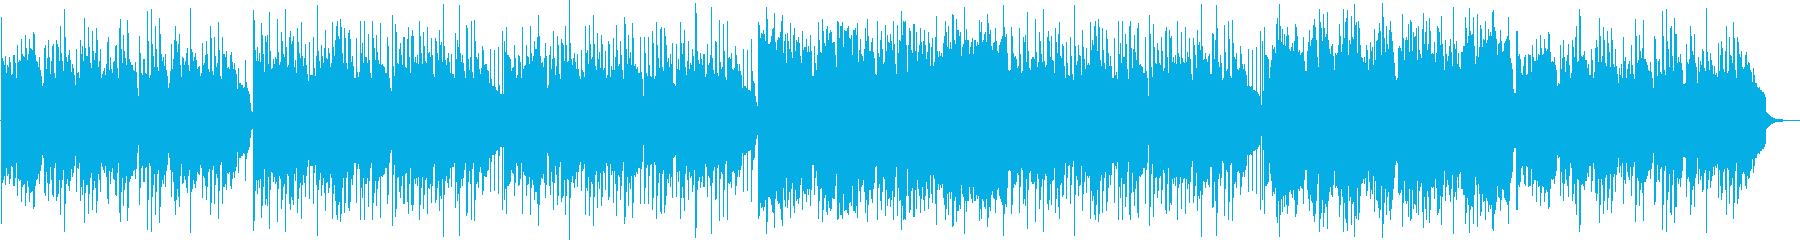 和風なシンセ・弦楽器などのサウンドの再生済みの波形